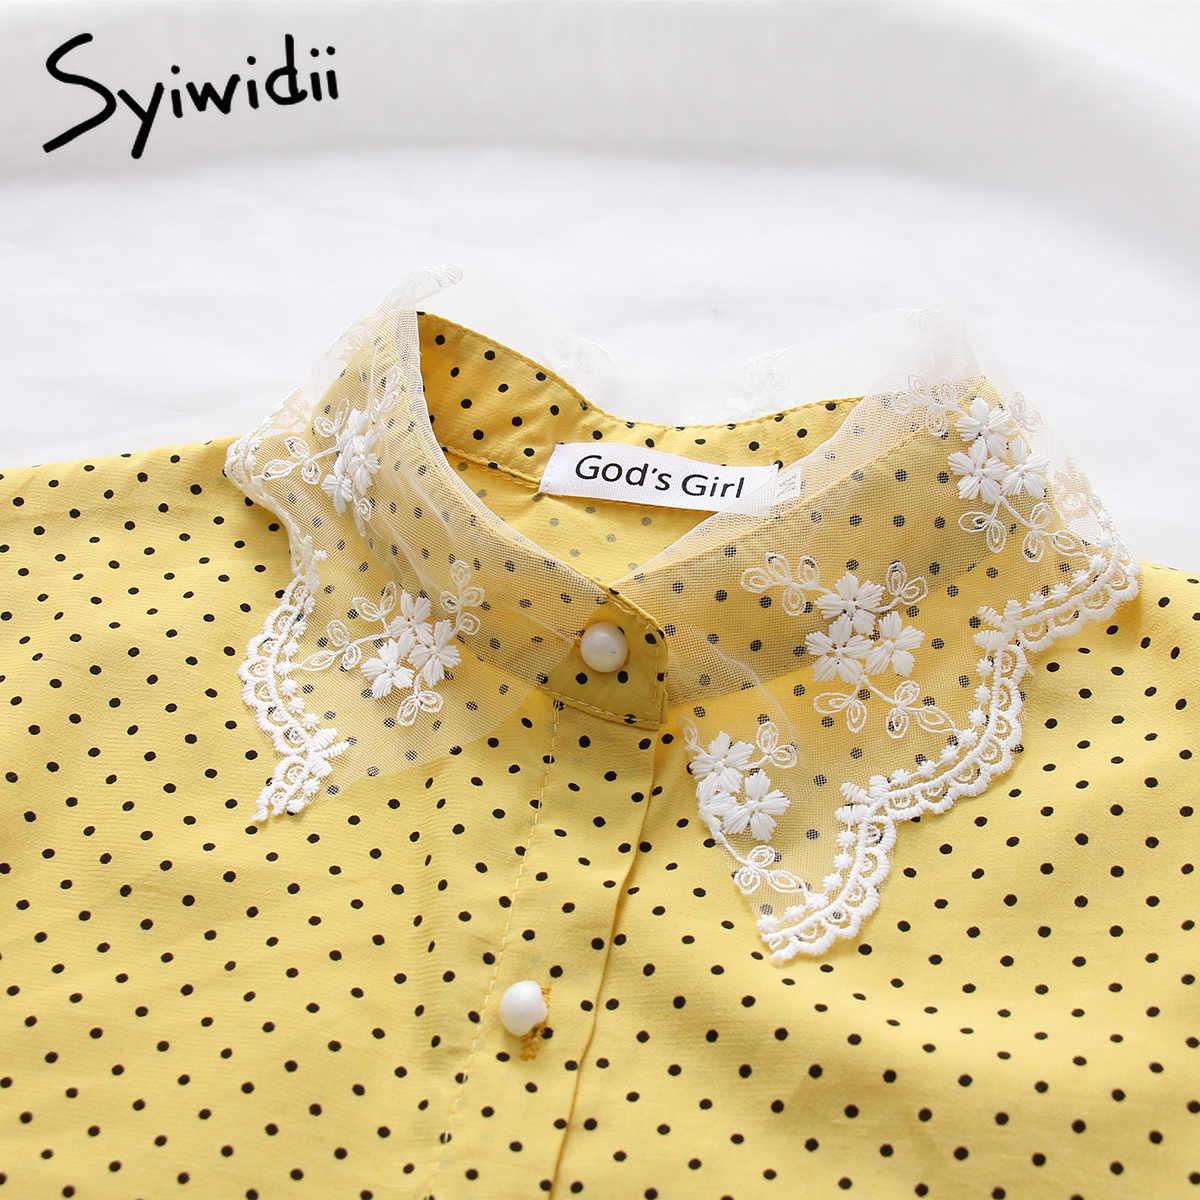 シフォンブラウス女性トップス服ポルカドットレースの蝶の袖韓国ファッション服ブルー黄色 2019 春夏新作